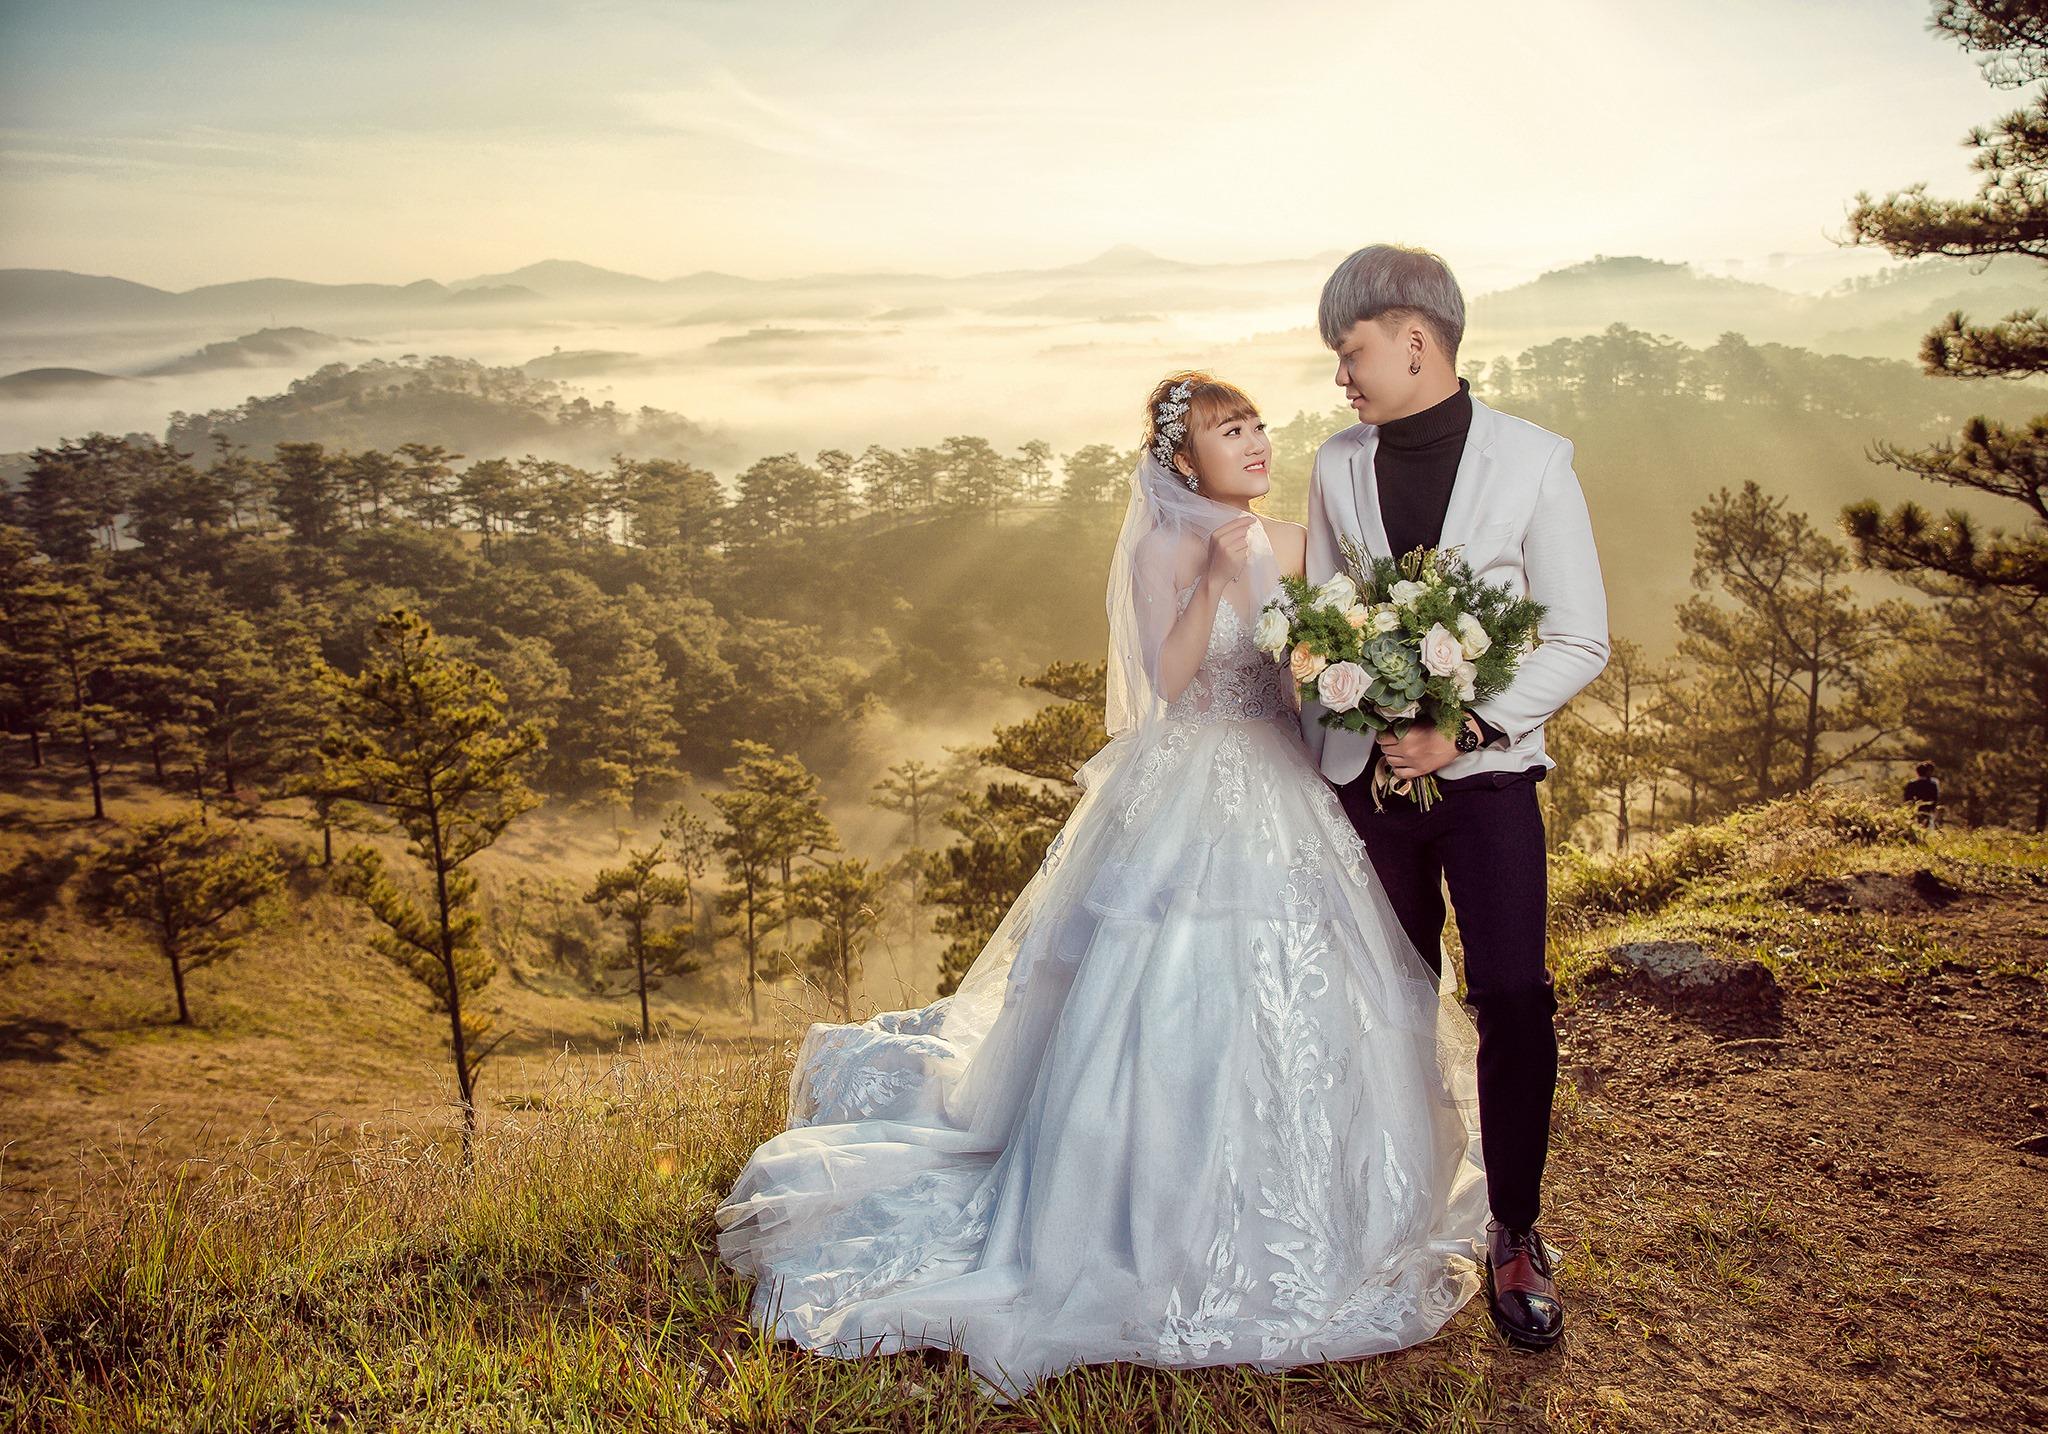 Xếp hạng 10 Studio chụp ảnh cưới đẹp nhất Đà Lạt - Amanda Wedding